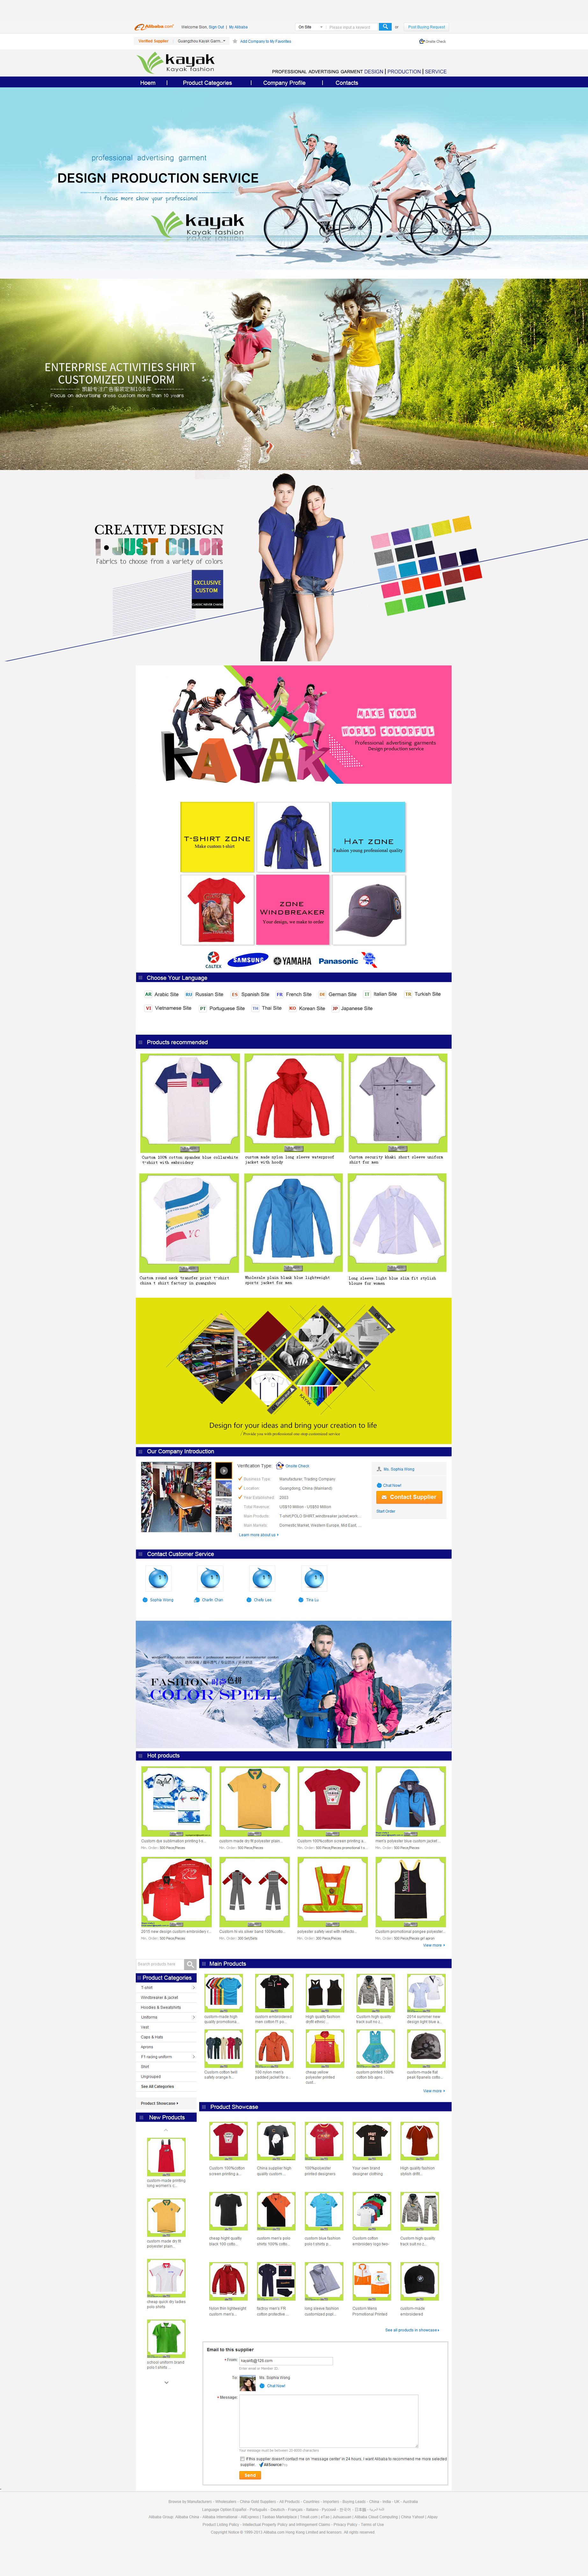 网页设计 阿里巴巴国际站服装网站首页设计图片